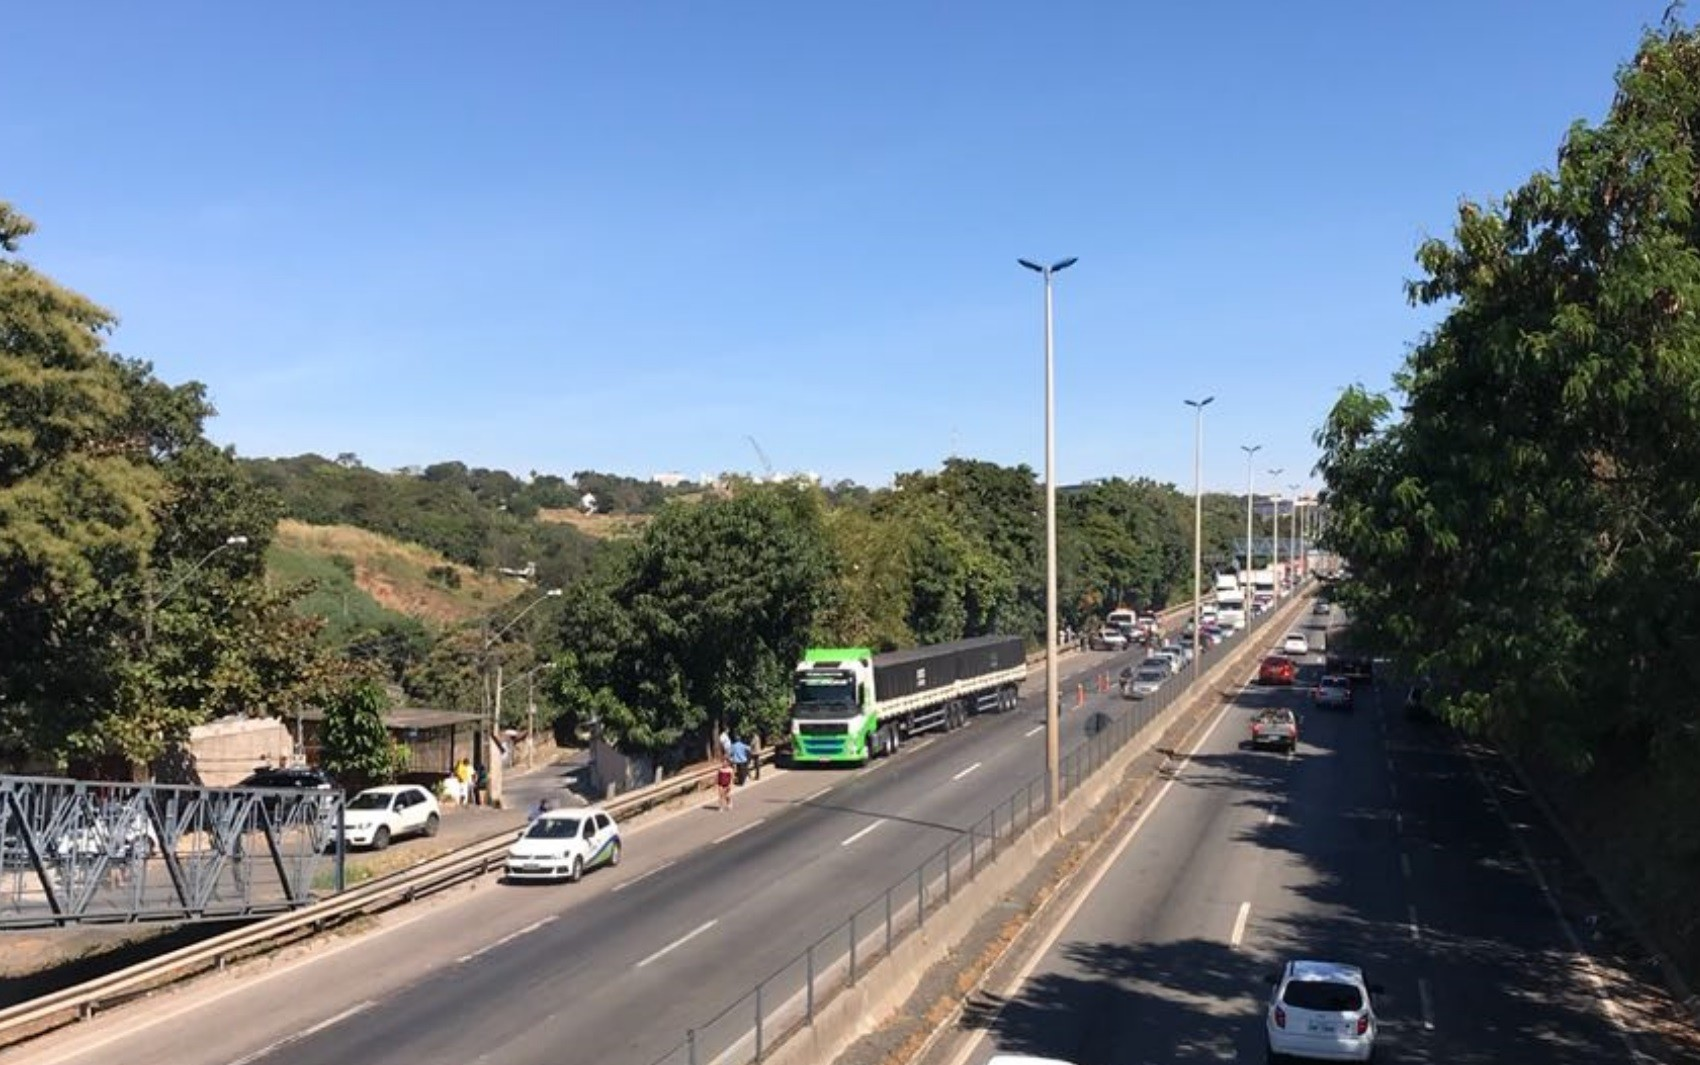 Ciclista morre após acidente com caminhão na BR-153, em Goiânia